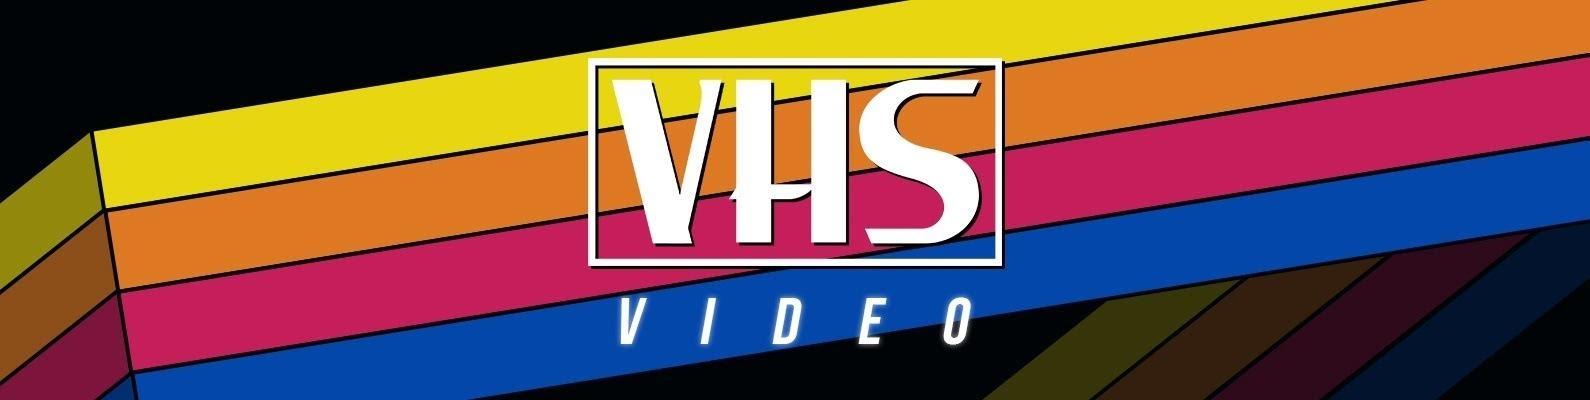 Соціальне життя приватної технології: кар'єра VHS як перехідного медіа